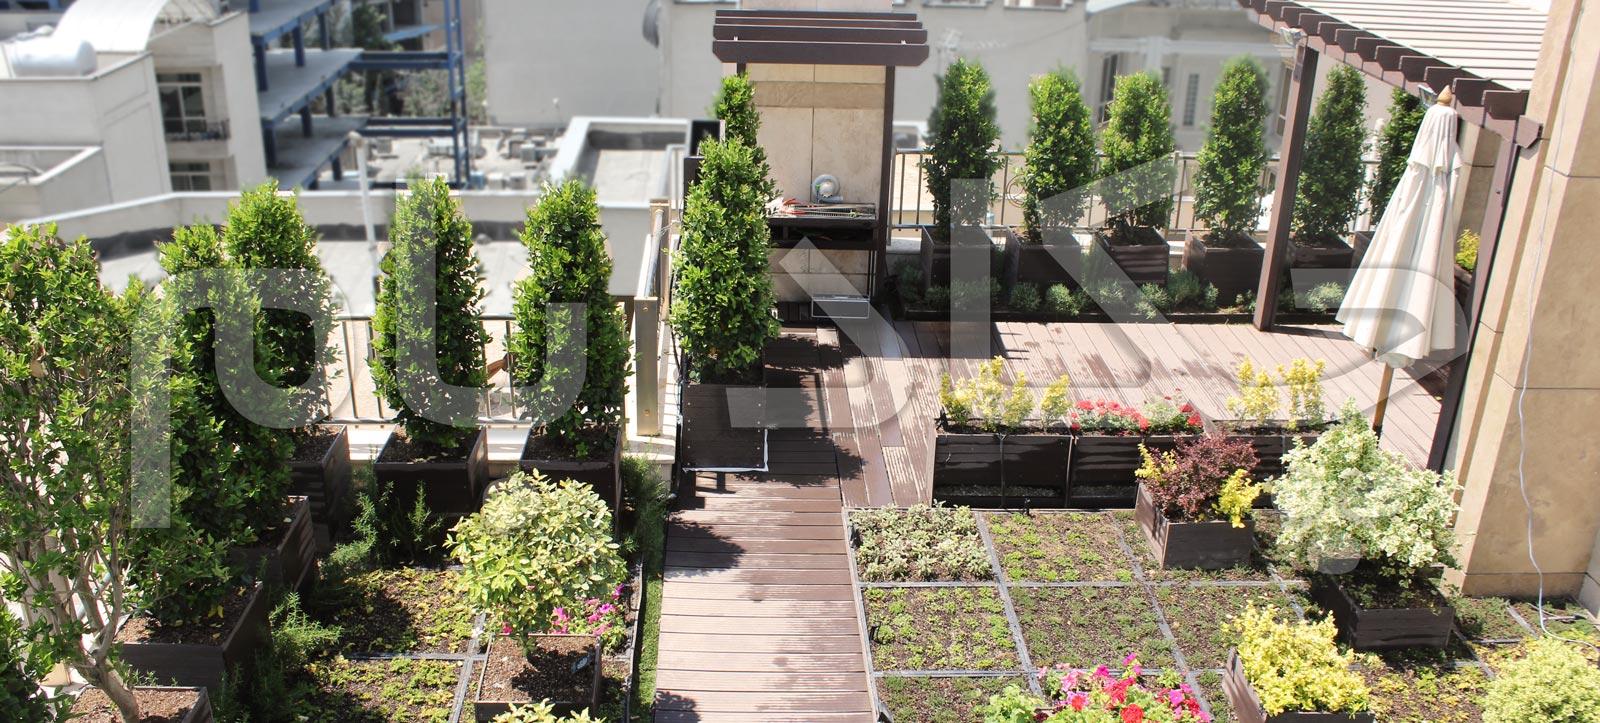 پروژه های بام سبز